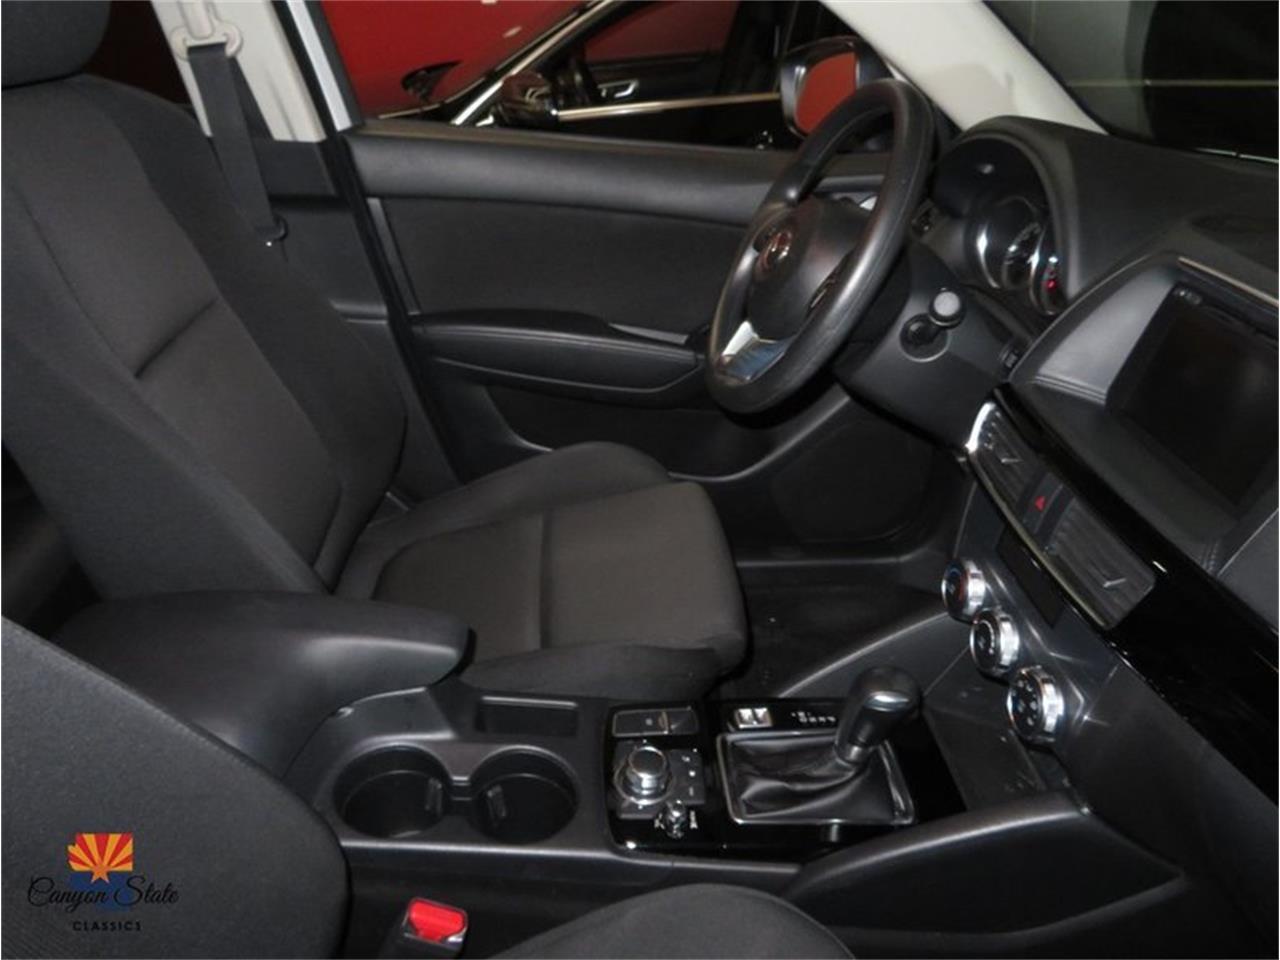 2016 Mazda CX-5 (CC-1394174) for sale in Tempe, Arizona